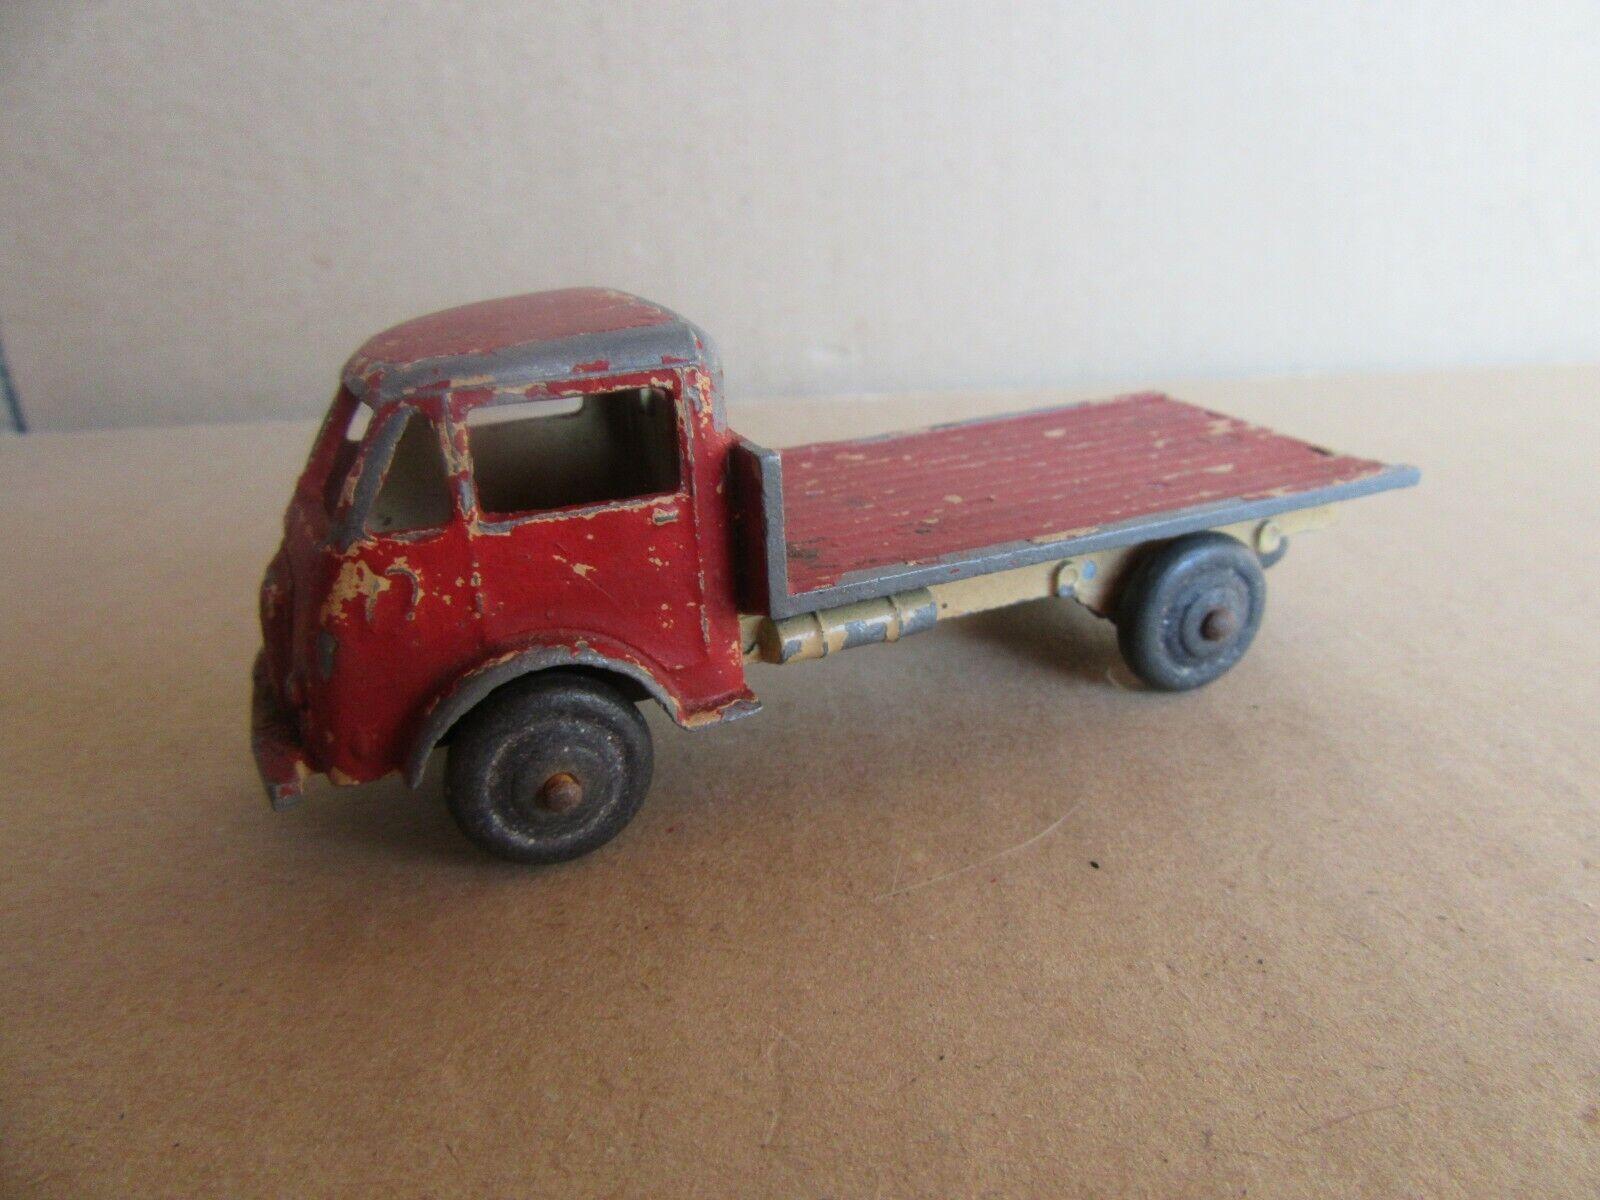 508i dinky 25h ford plateau Brasseur repainted 1 er model metal wheels